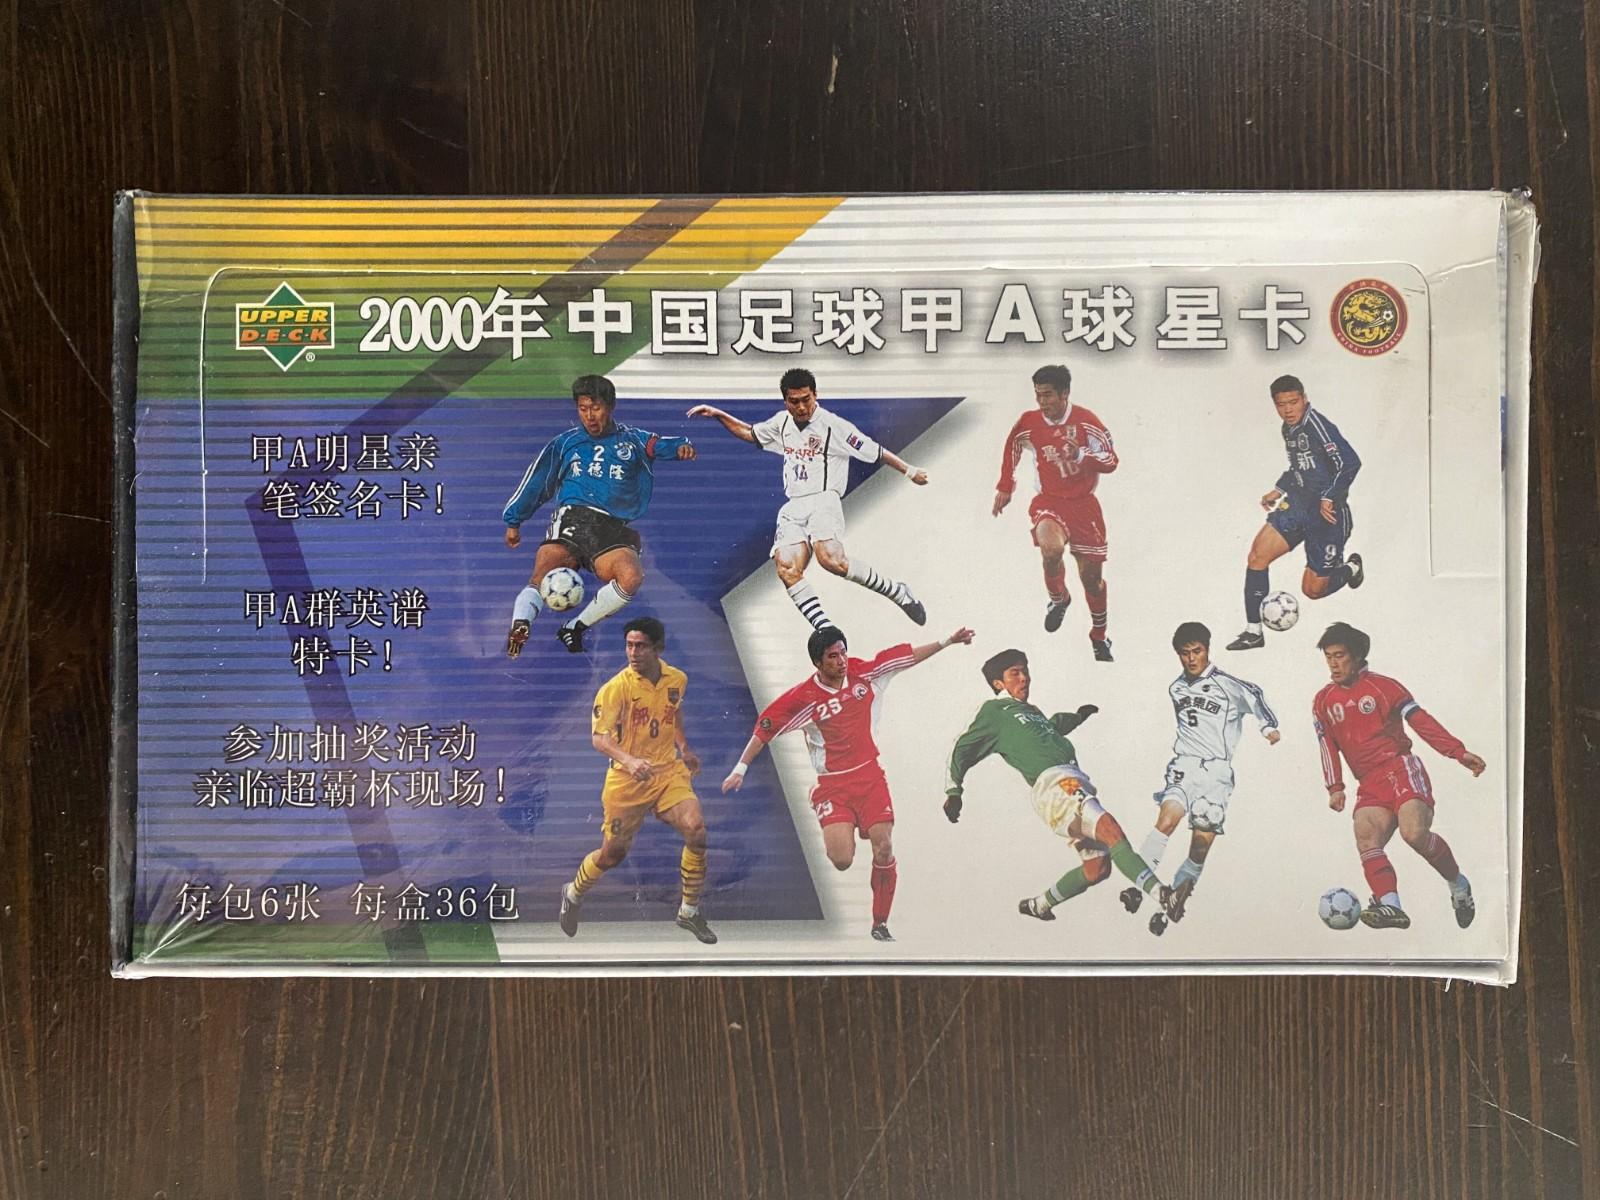 2000年 中国甲A联赛 球星卡 原盒 (自封塑膜)收藏